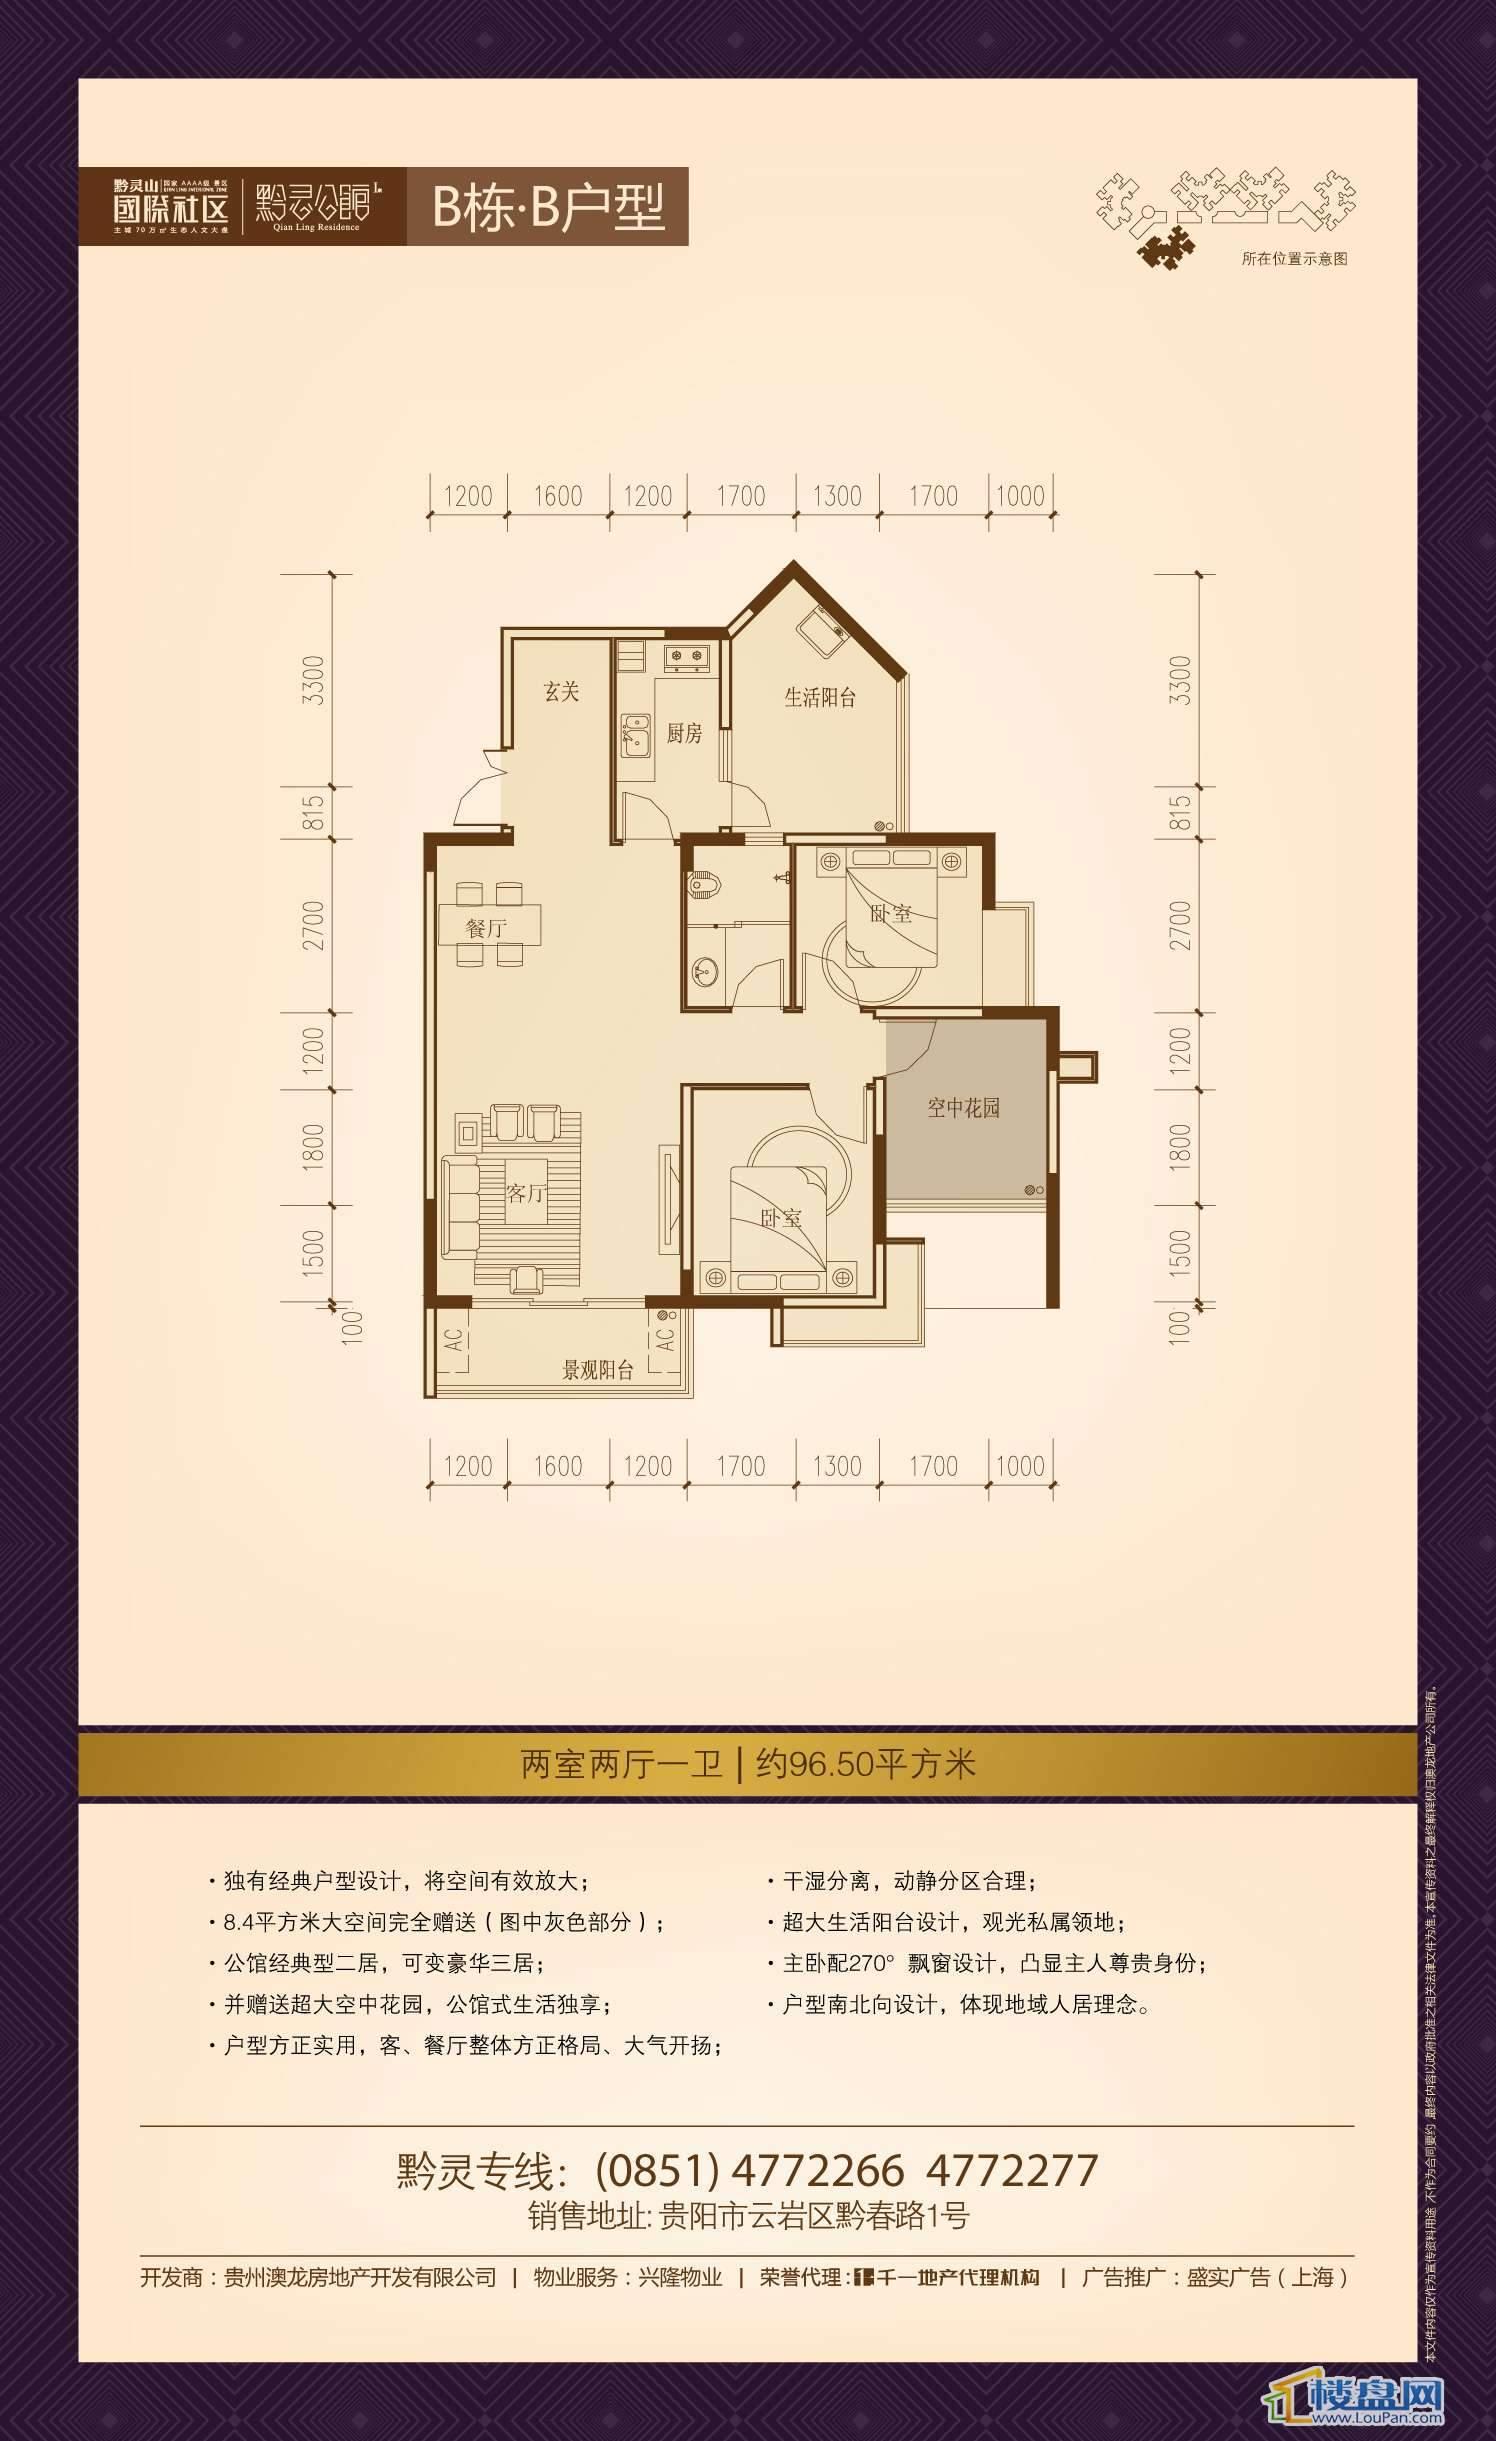 黔灵山国际社区 户型图